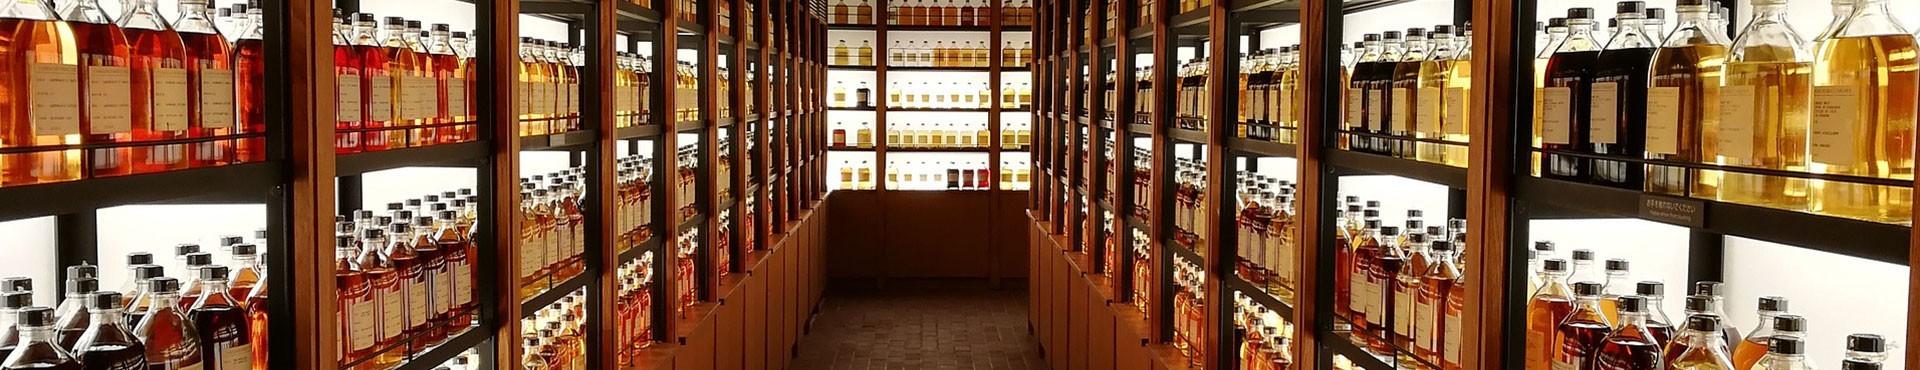 Nos Whiskys - OnWine